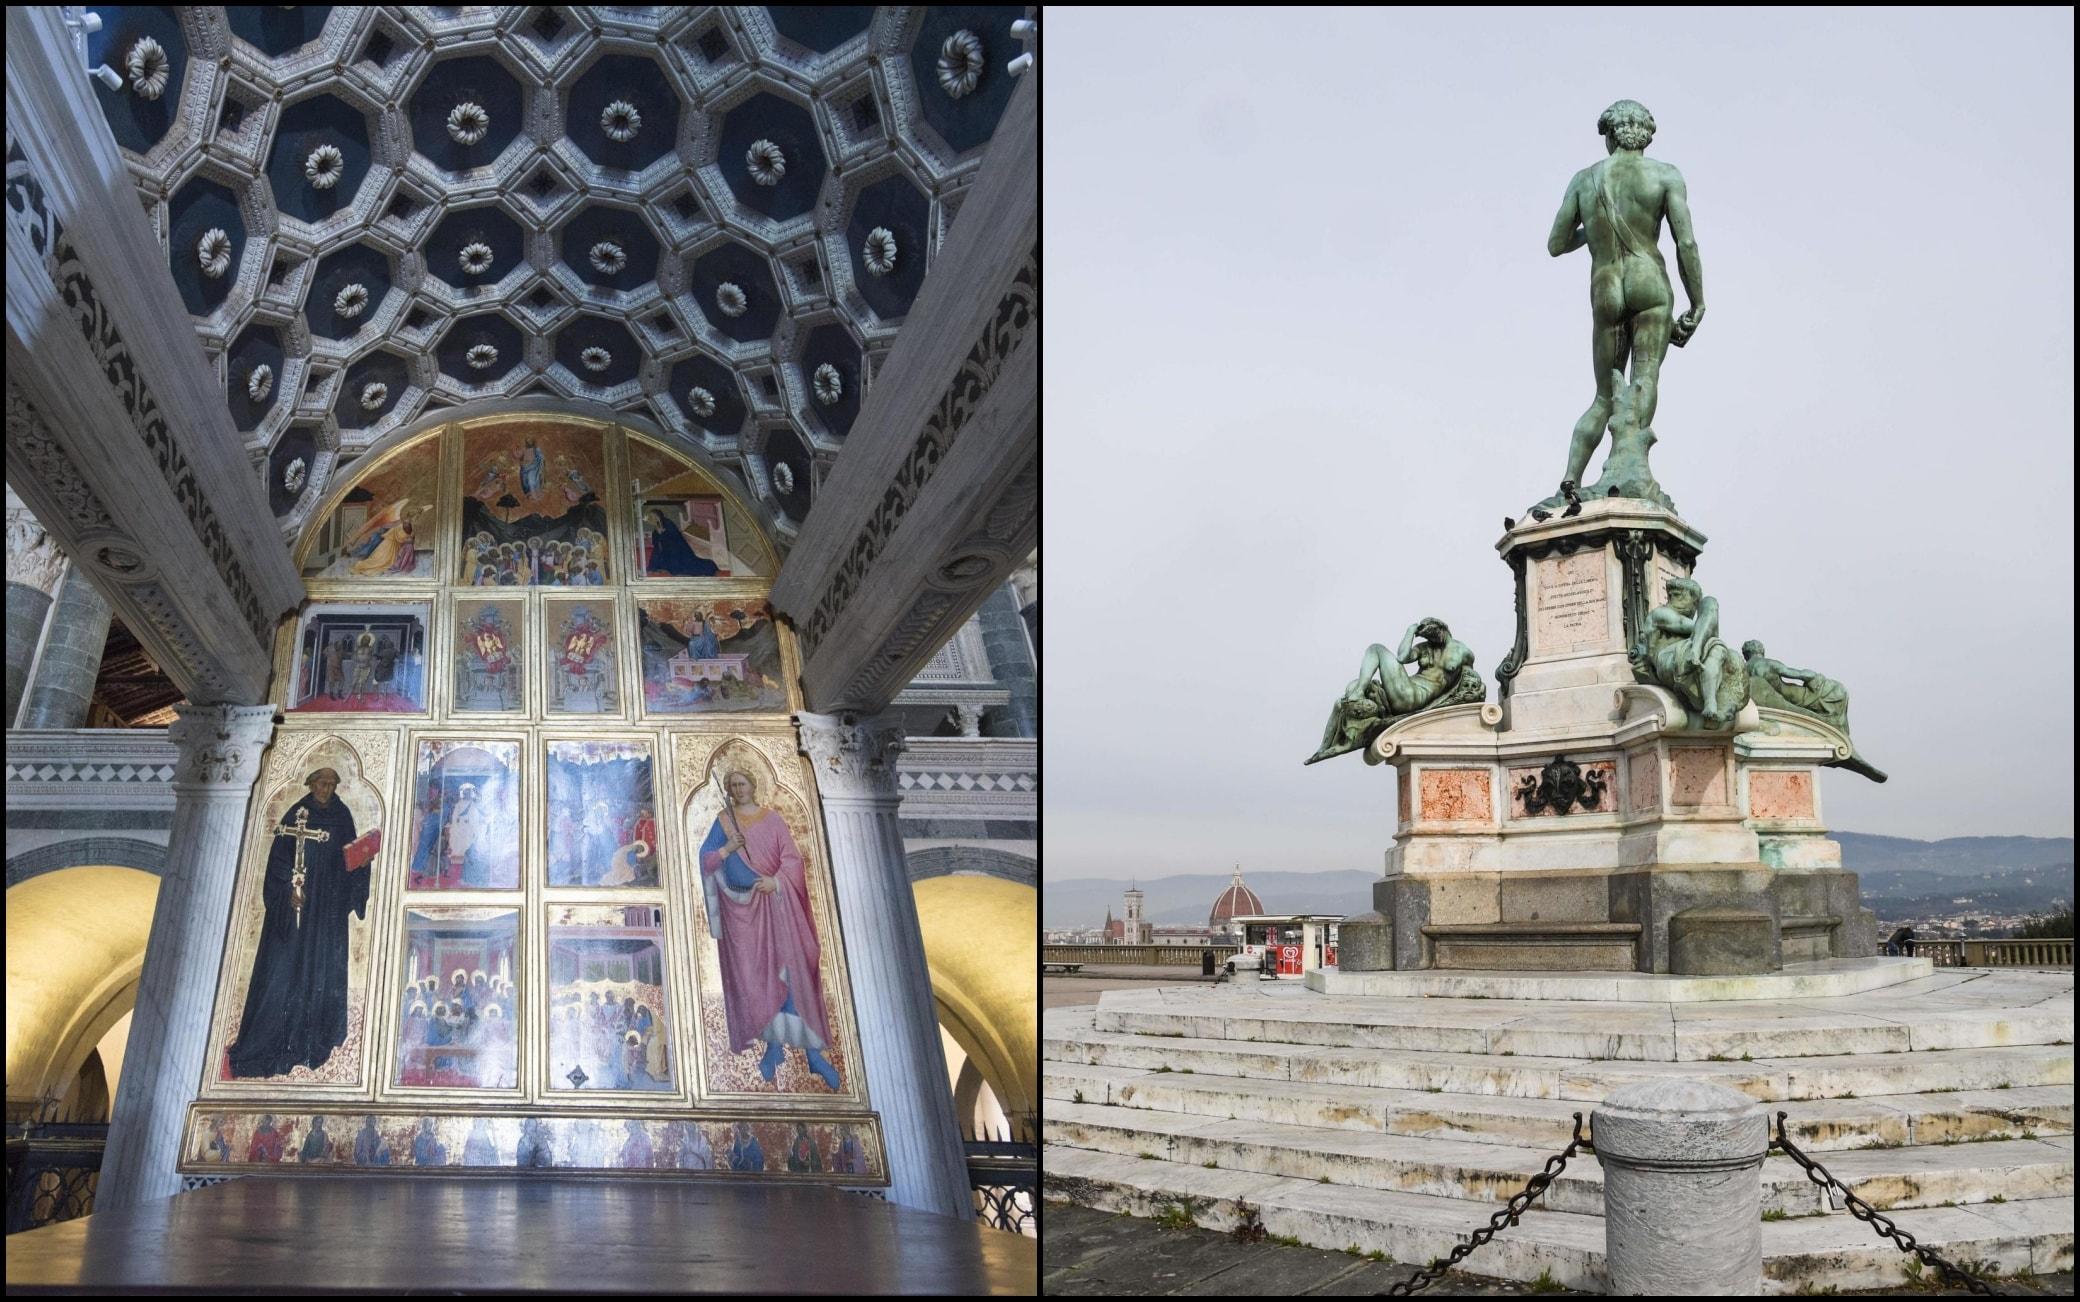 L'Abbazia di San Miniato e Piazzale Michelangelo a Firenze